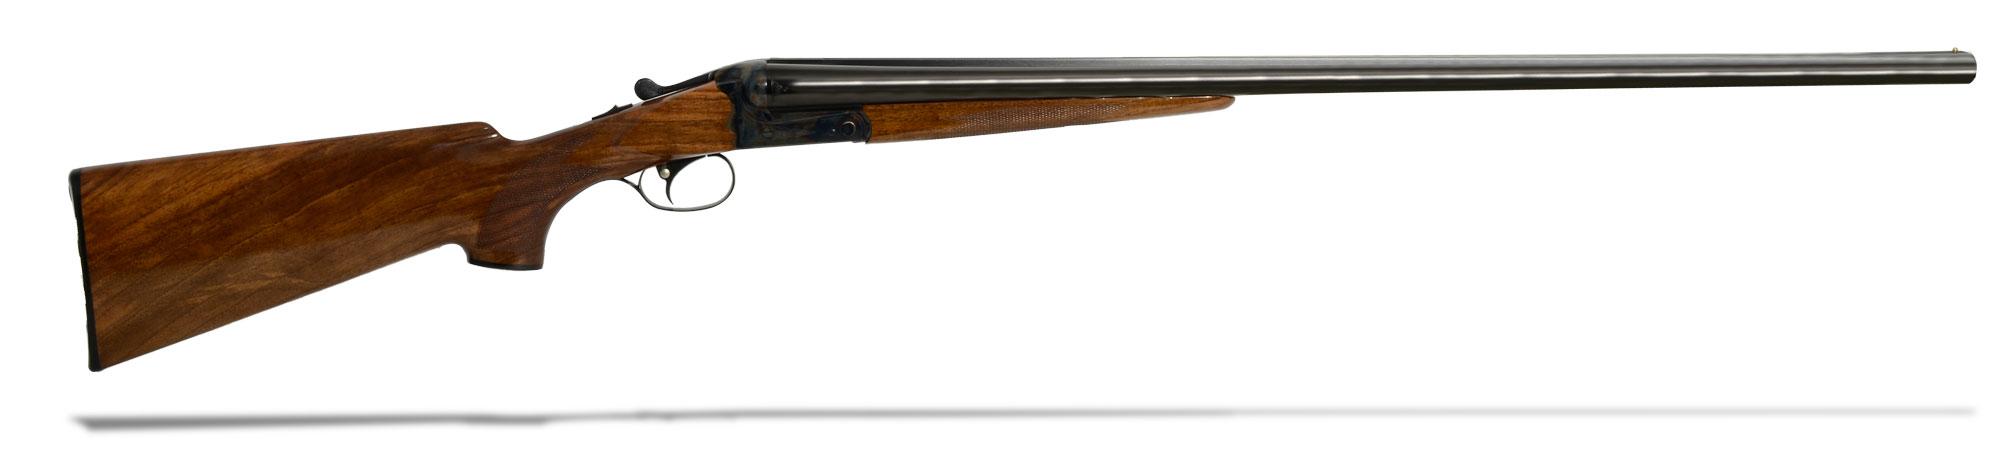 Merkel 47E SxS 12GA Shotgun 70047E1.9S3P